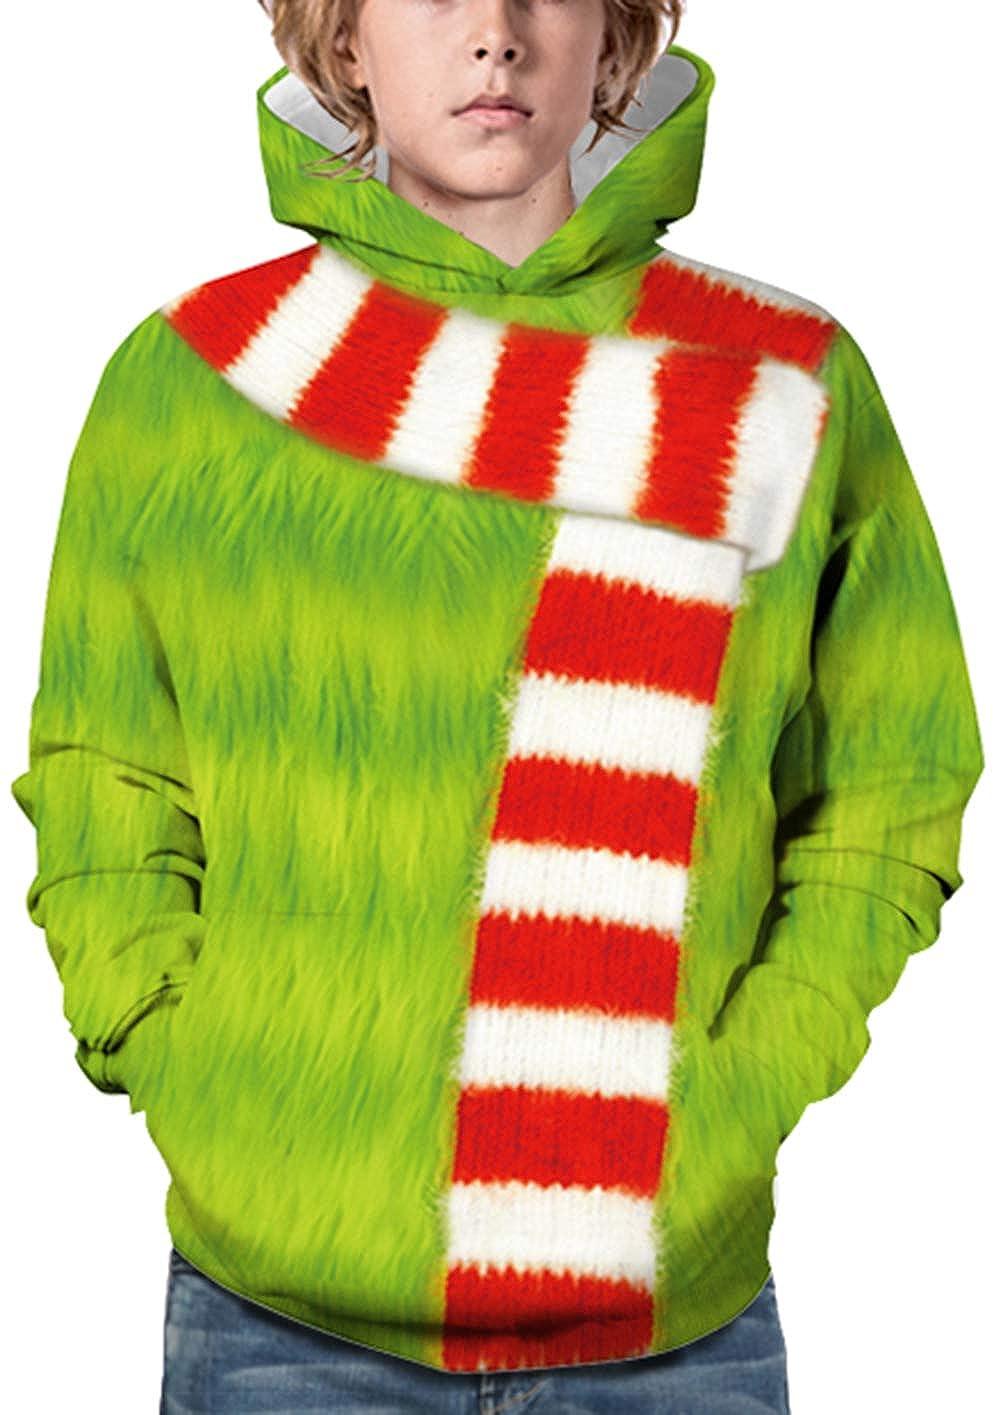 JOAYIN Felpe con Cappuccio Pullover grafiche per Bambini con Stampa 3D Animata Unisex per Bambini Ragazza Ragazzo Divertente Felpe a Maniche Lunghe con Tasche